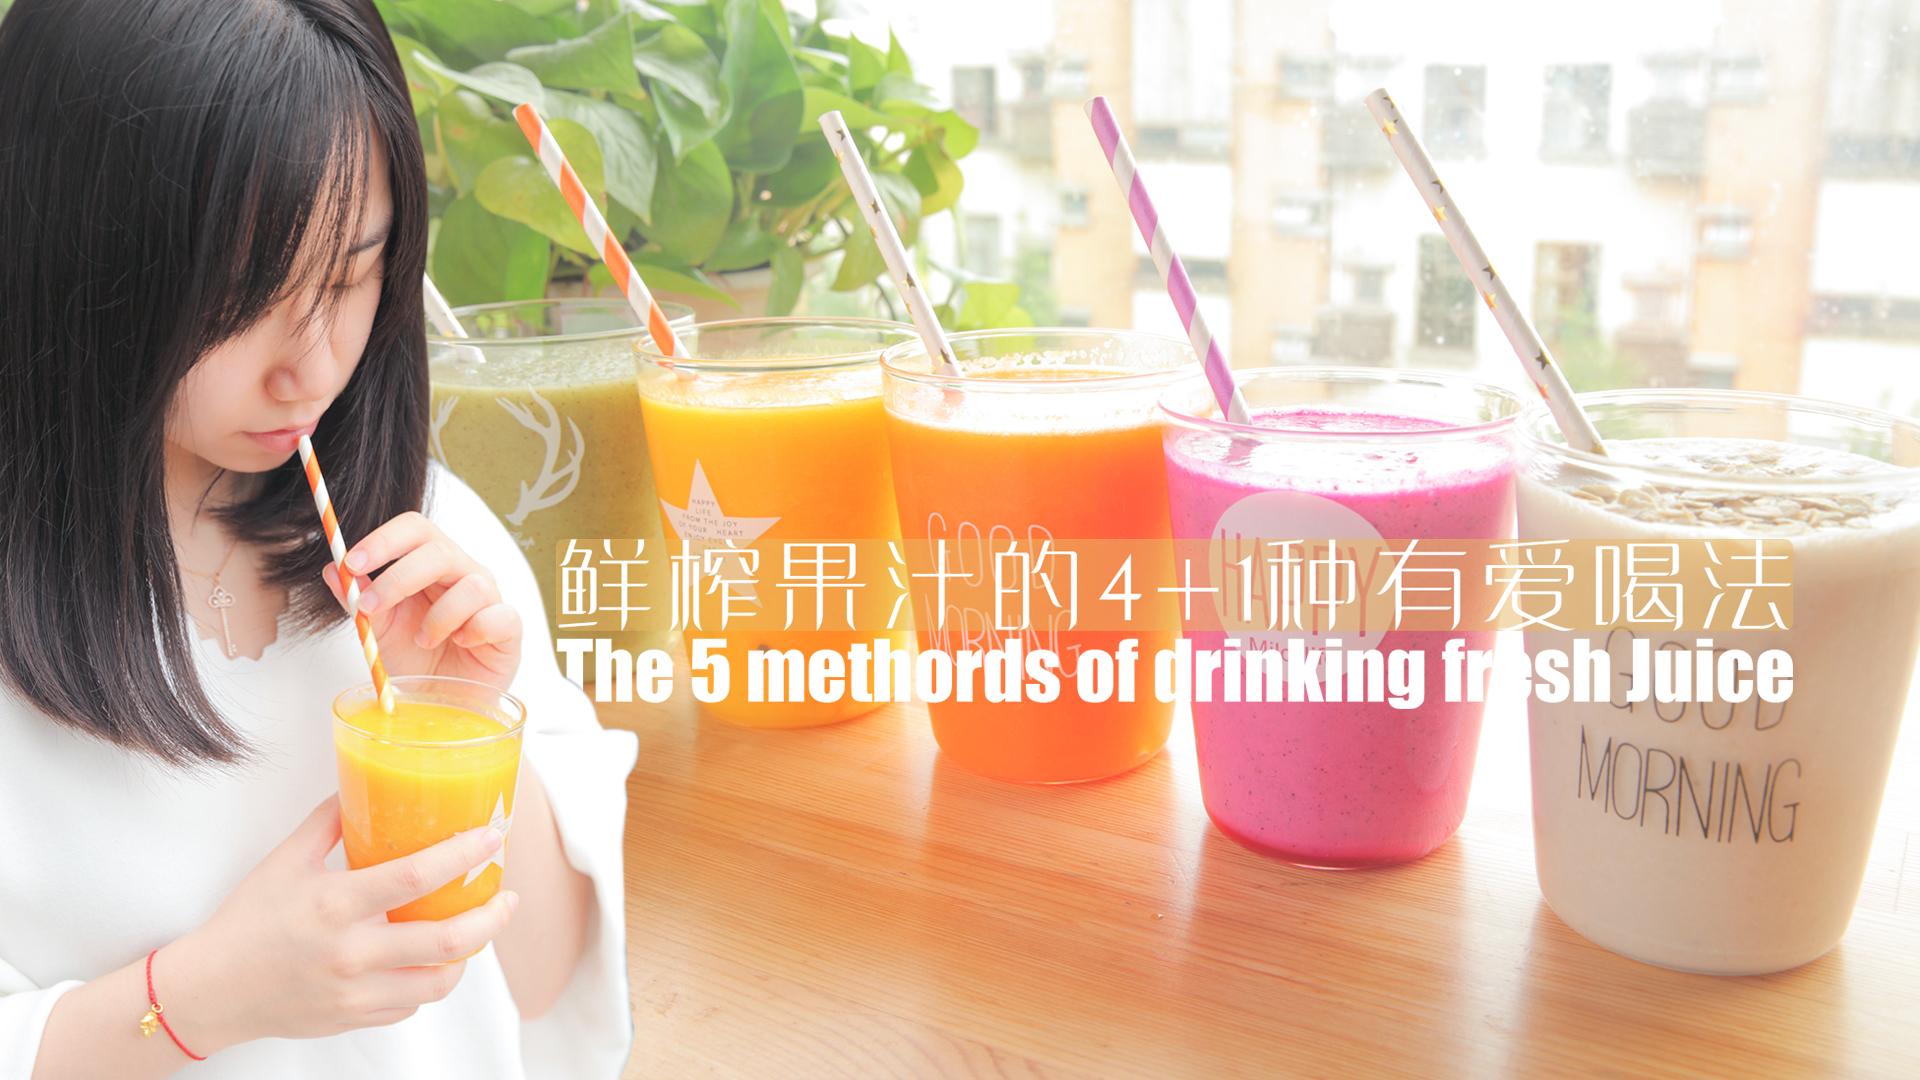 「厨娘物语」鲜榨果汁的4+1种有爱喝法